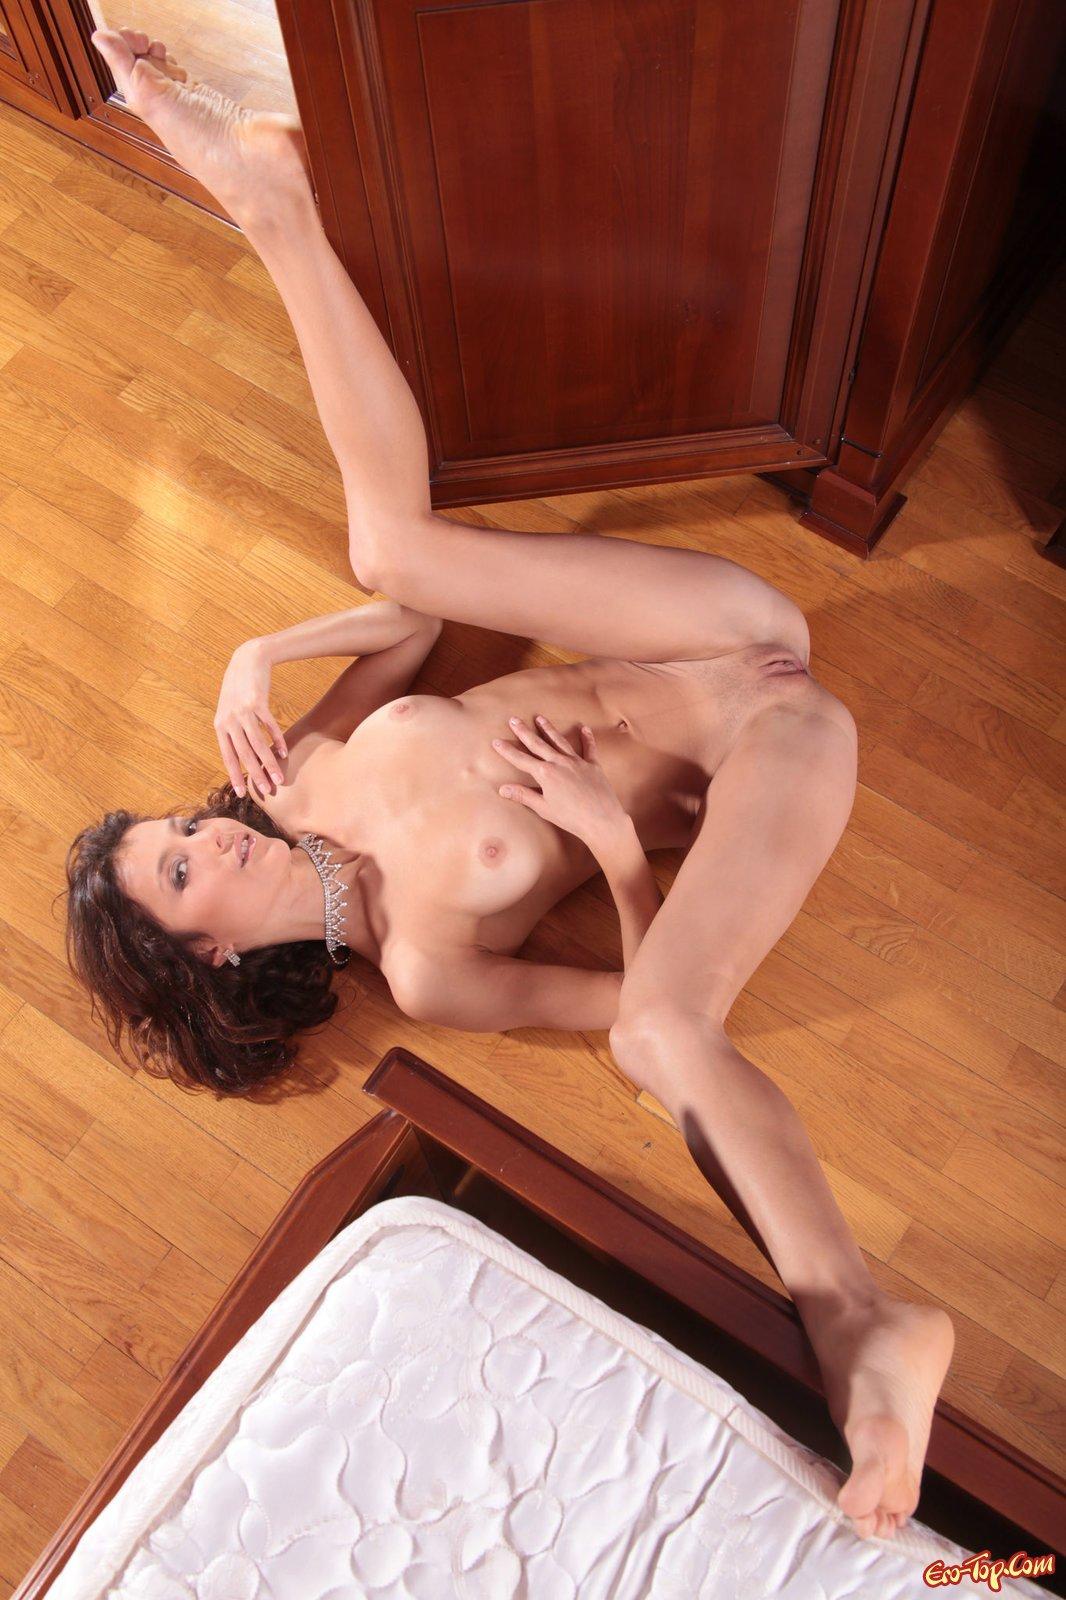 Худенькая шатенка показывает голое тело в спальне